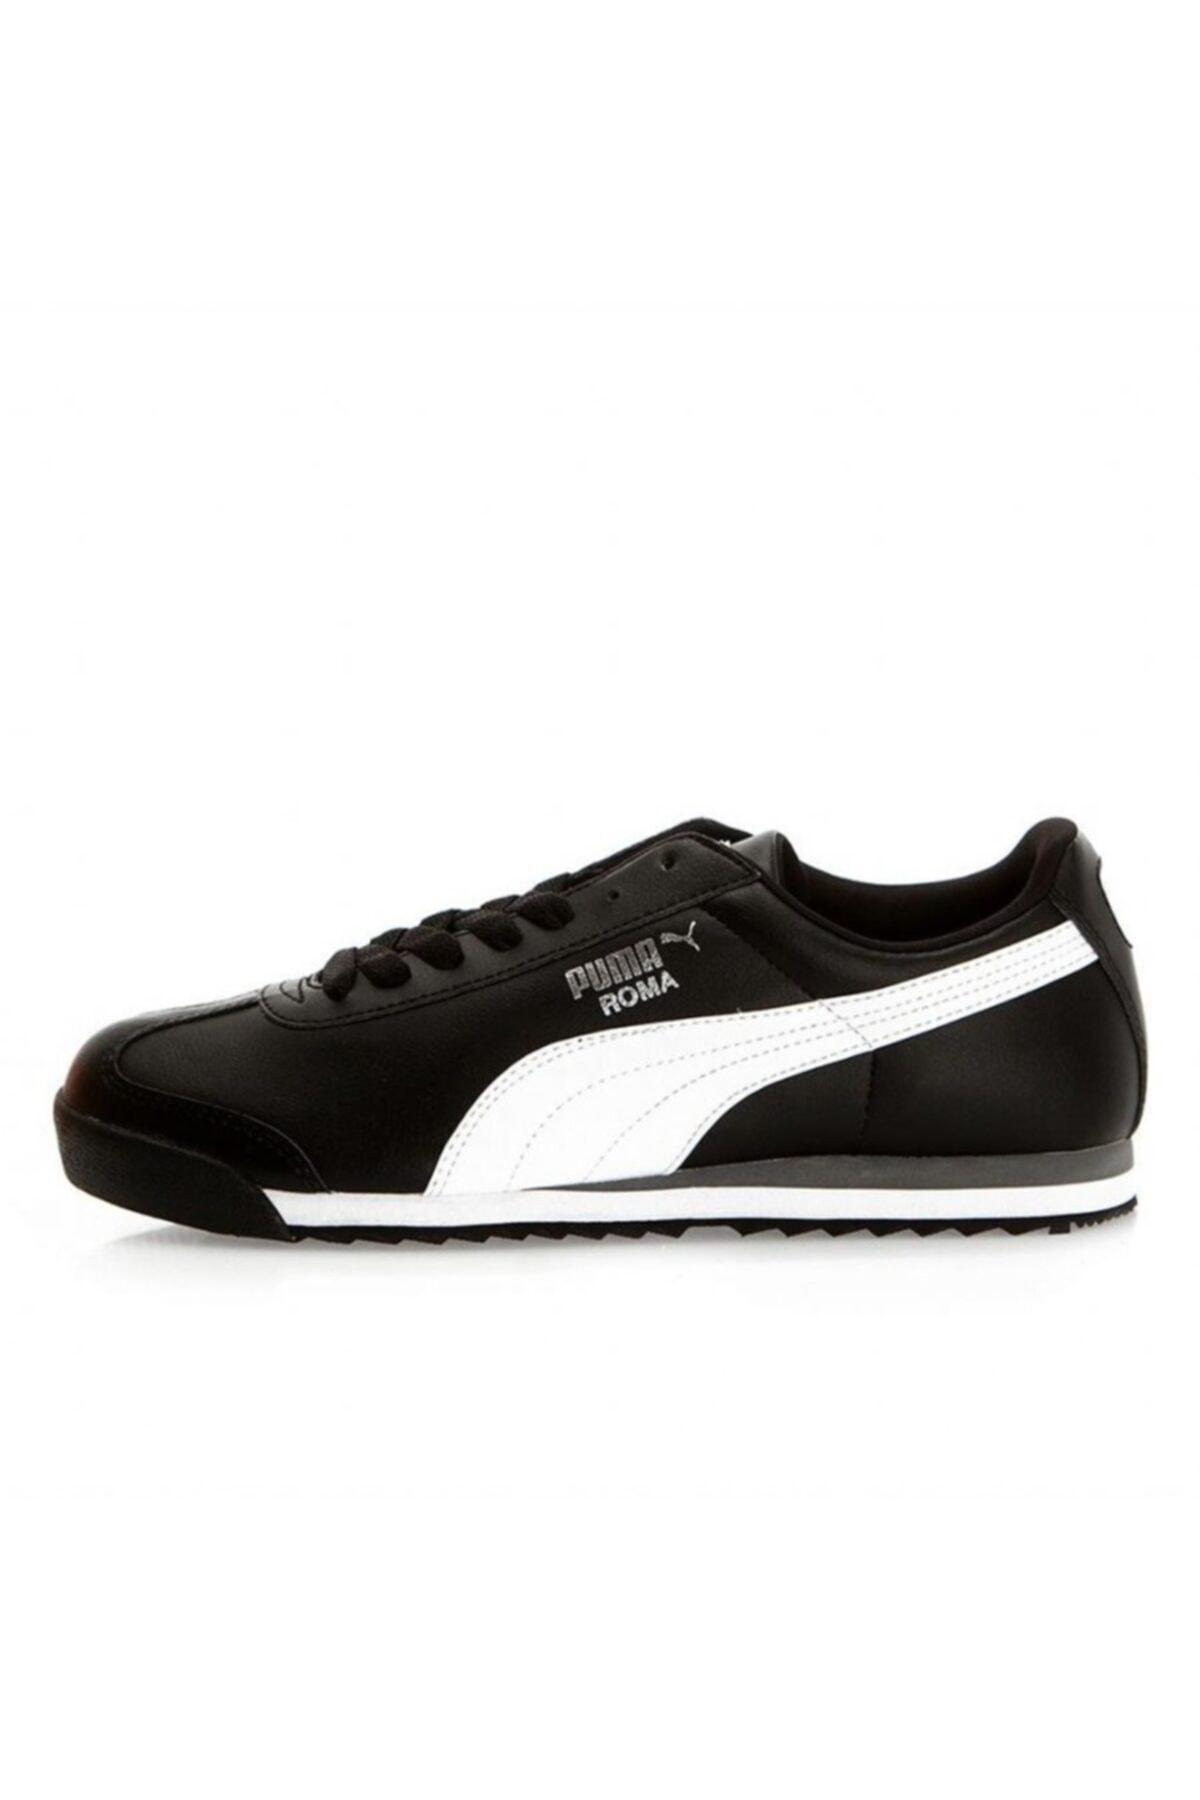 Puma Erkek Siyah Spor Ayakkabı 35357211 1